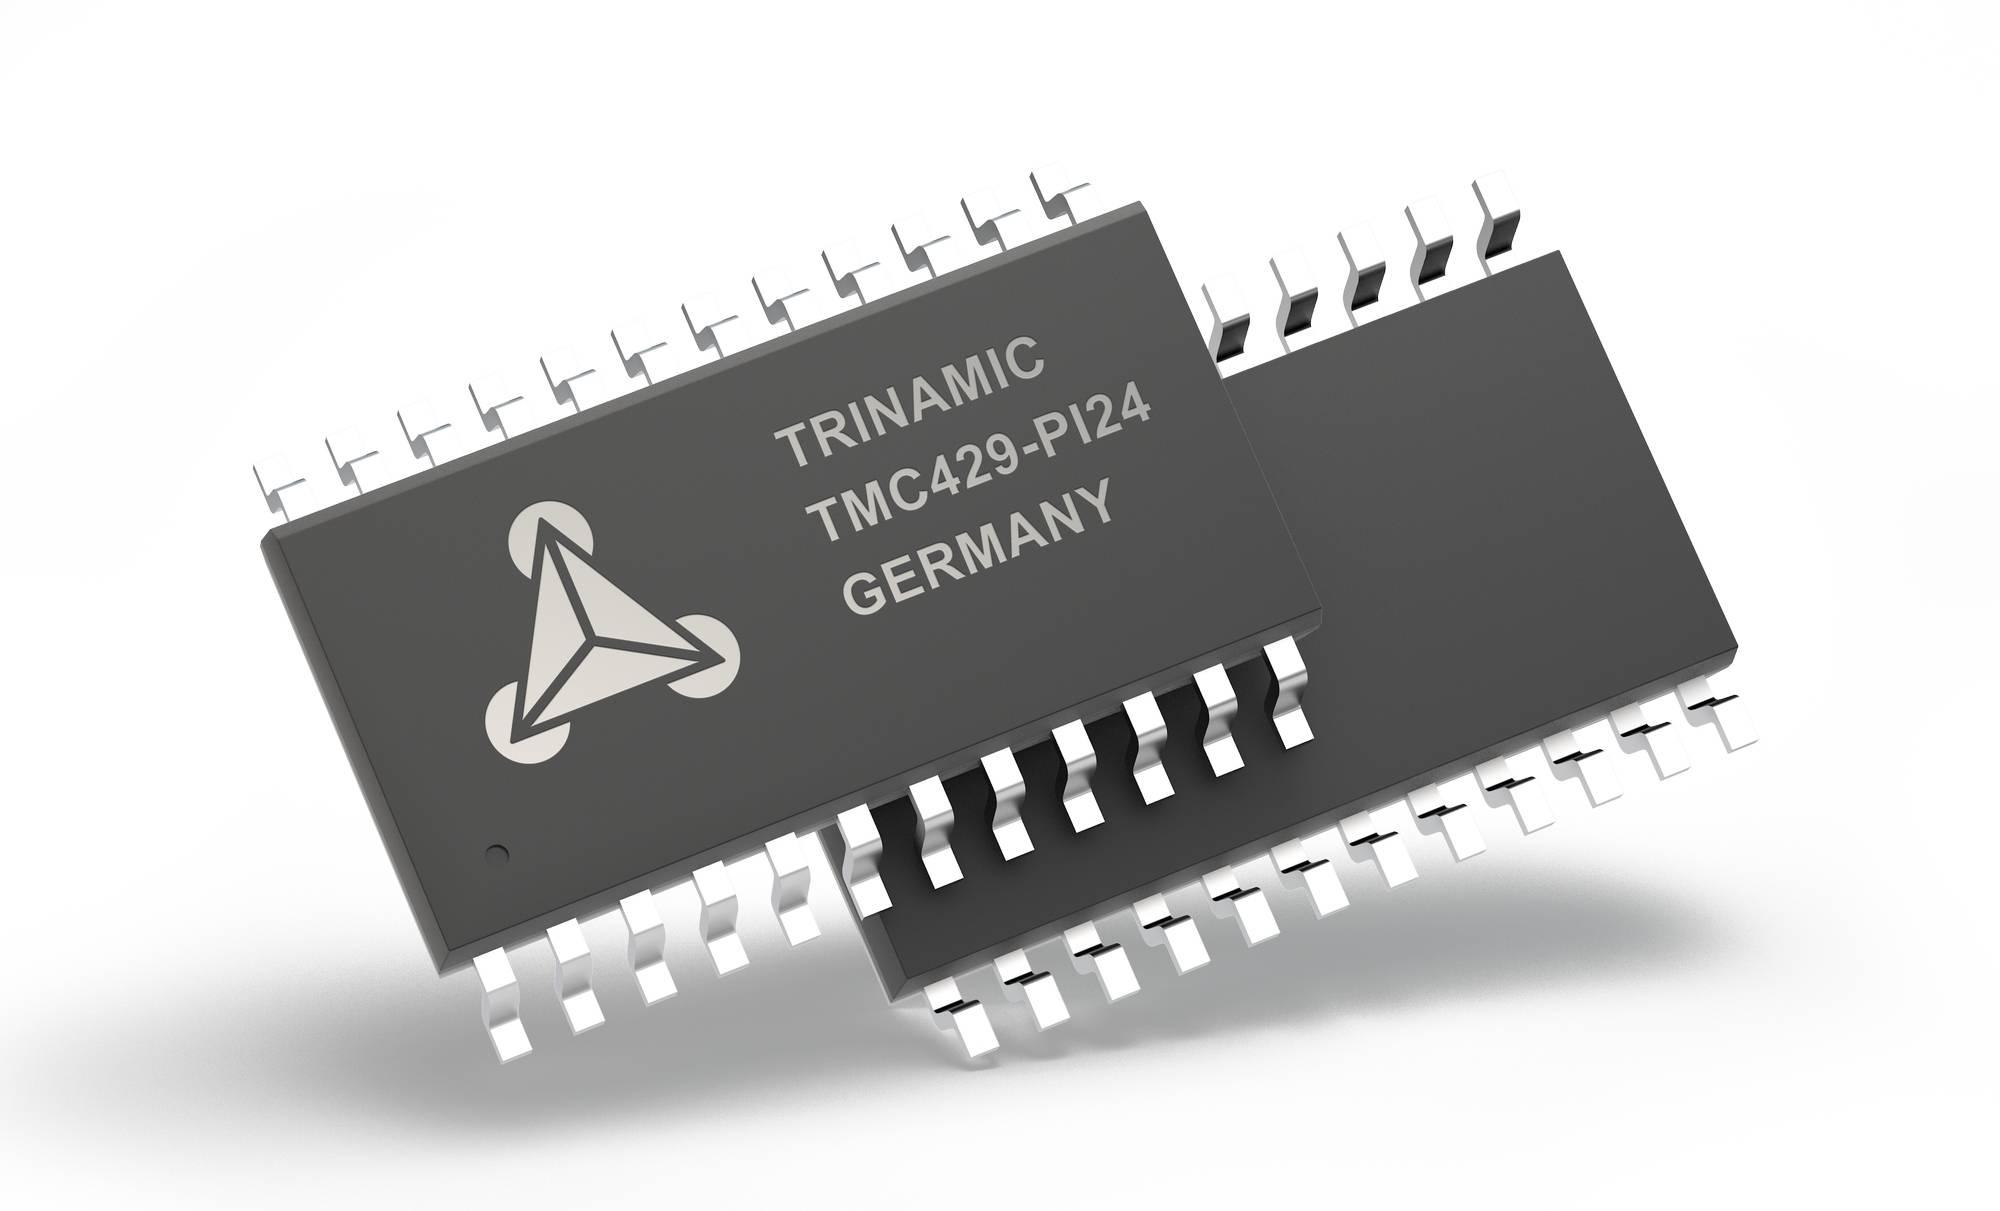 TMC429-PI24